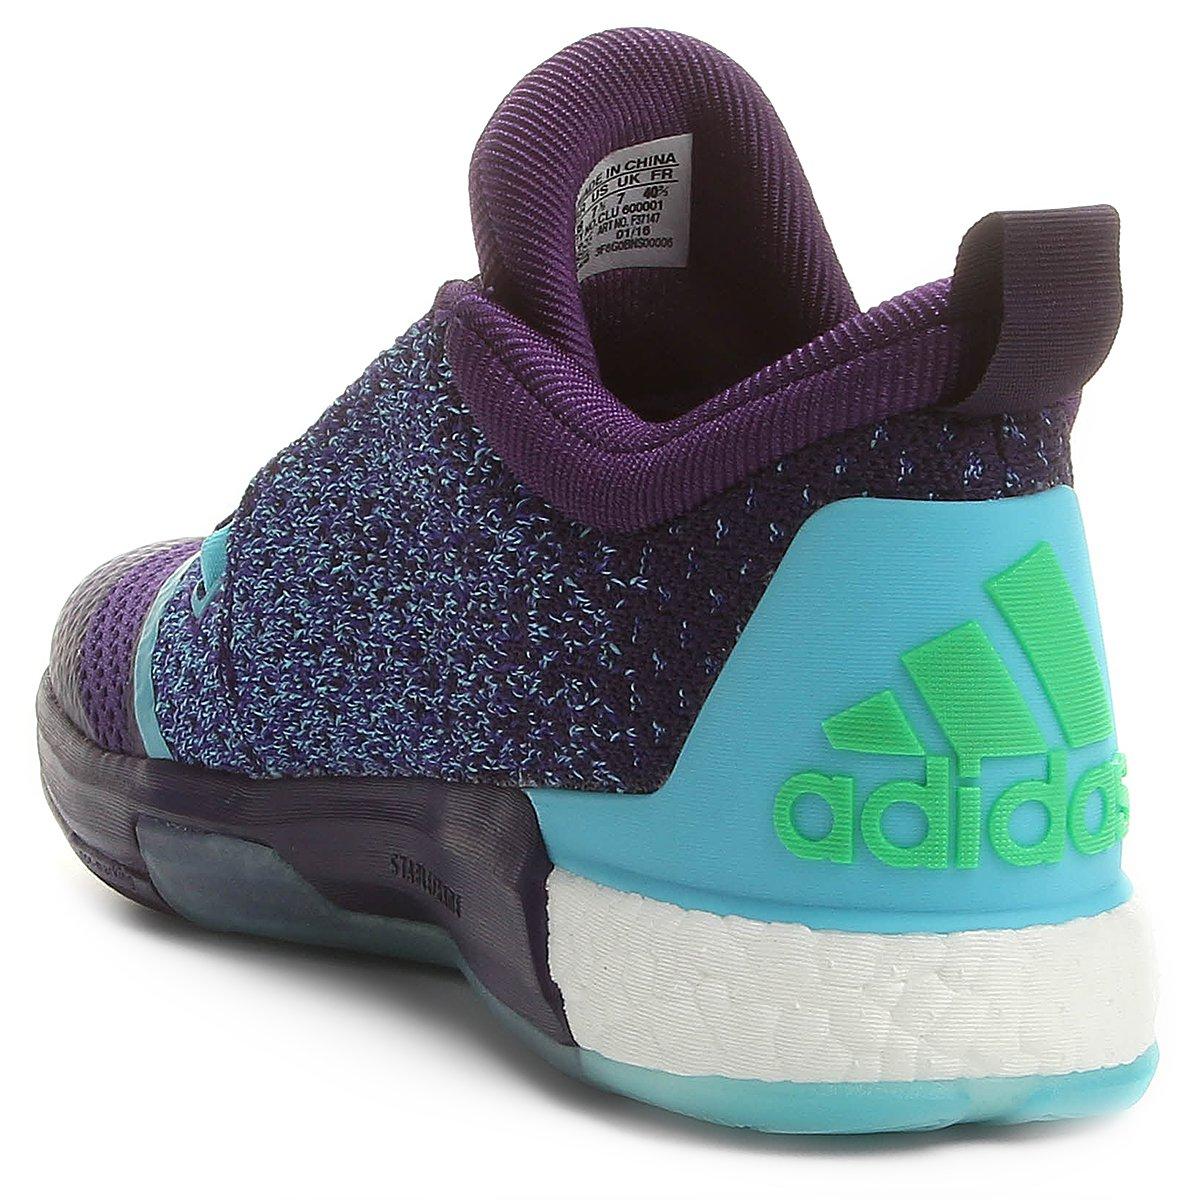 Tênis Adidas Crazylight Boost 2 Low - Compre Agora  4a972fe86d34b